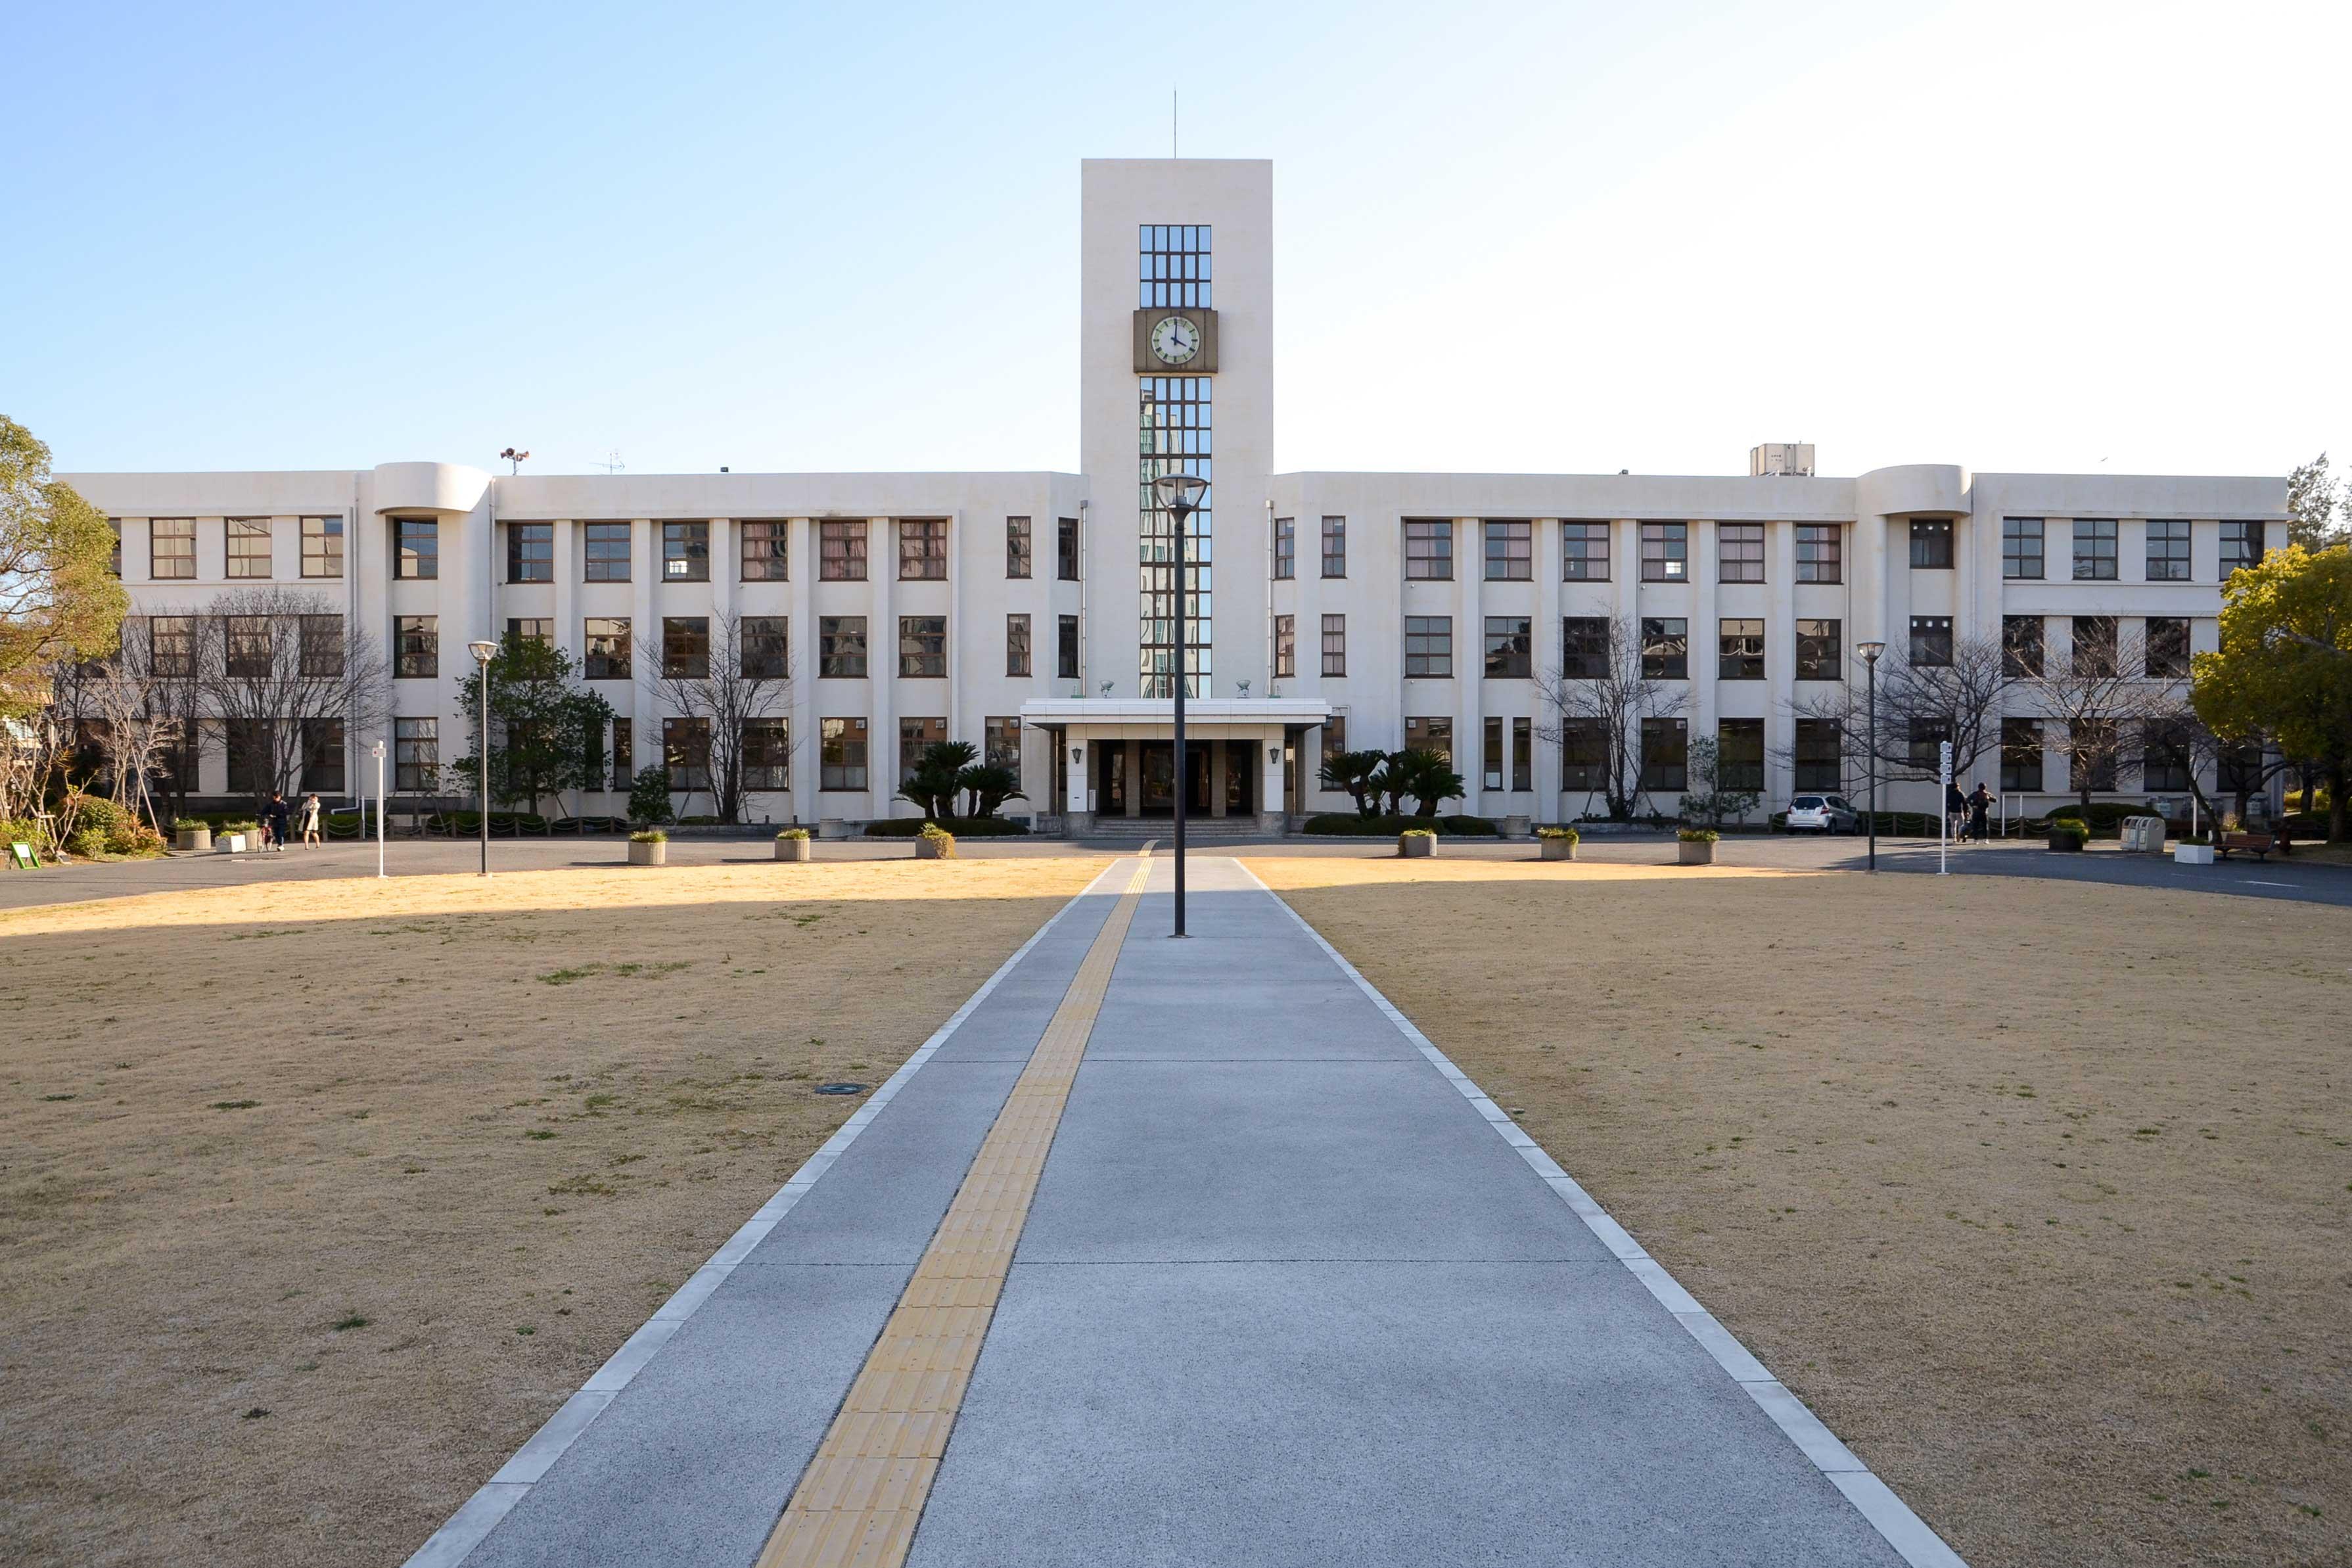 <p>全景(南面)</p>キャンパス正門に正面を向ける。塔を軸に左右対称の構成。両翼は途中で円筒形の突起で分節されている。